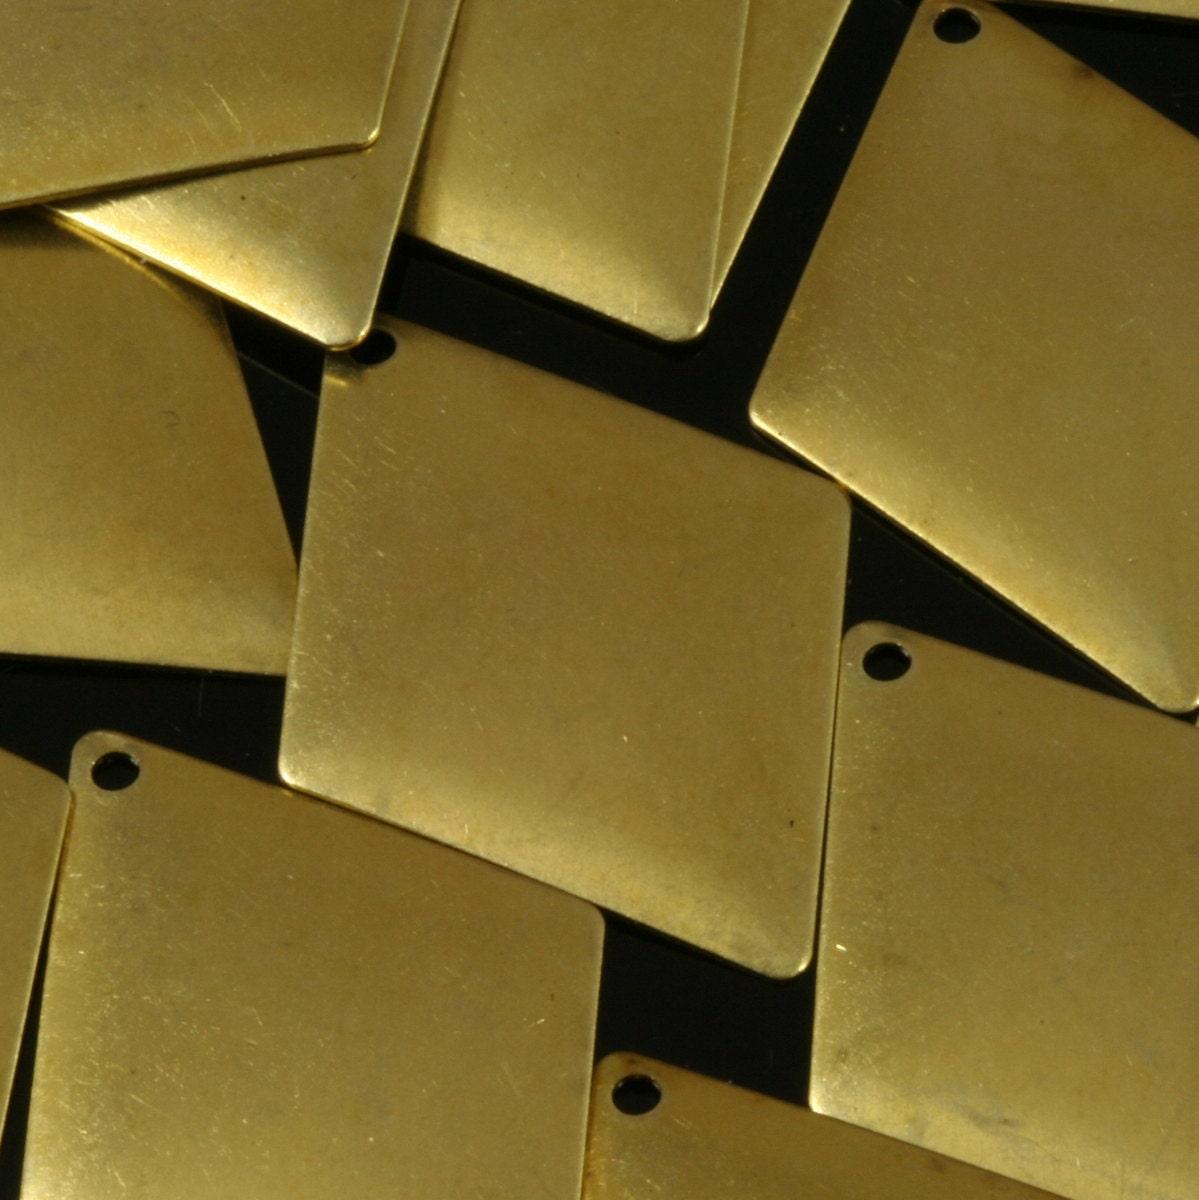 200 pièces en 33 laiton brut 25 x 33 en mm quadrilatère équilatéral forme charmes 1 boucle breloques, pendentifs, résultats 23R-300 af6f53